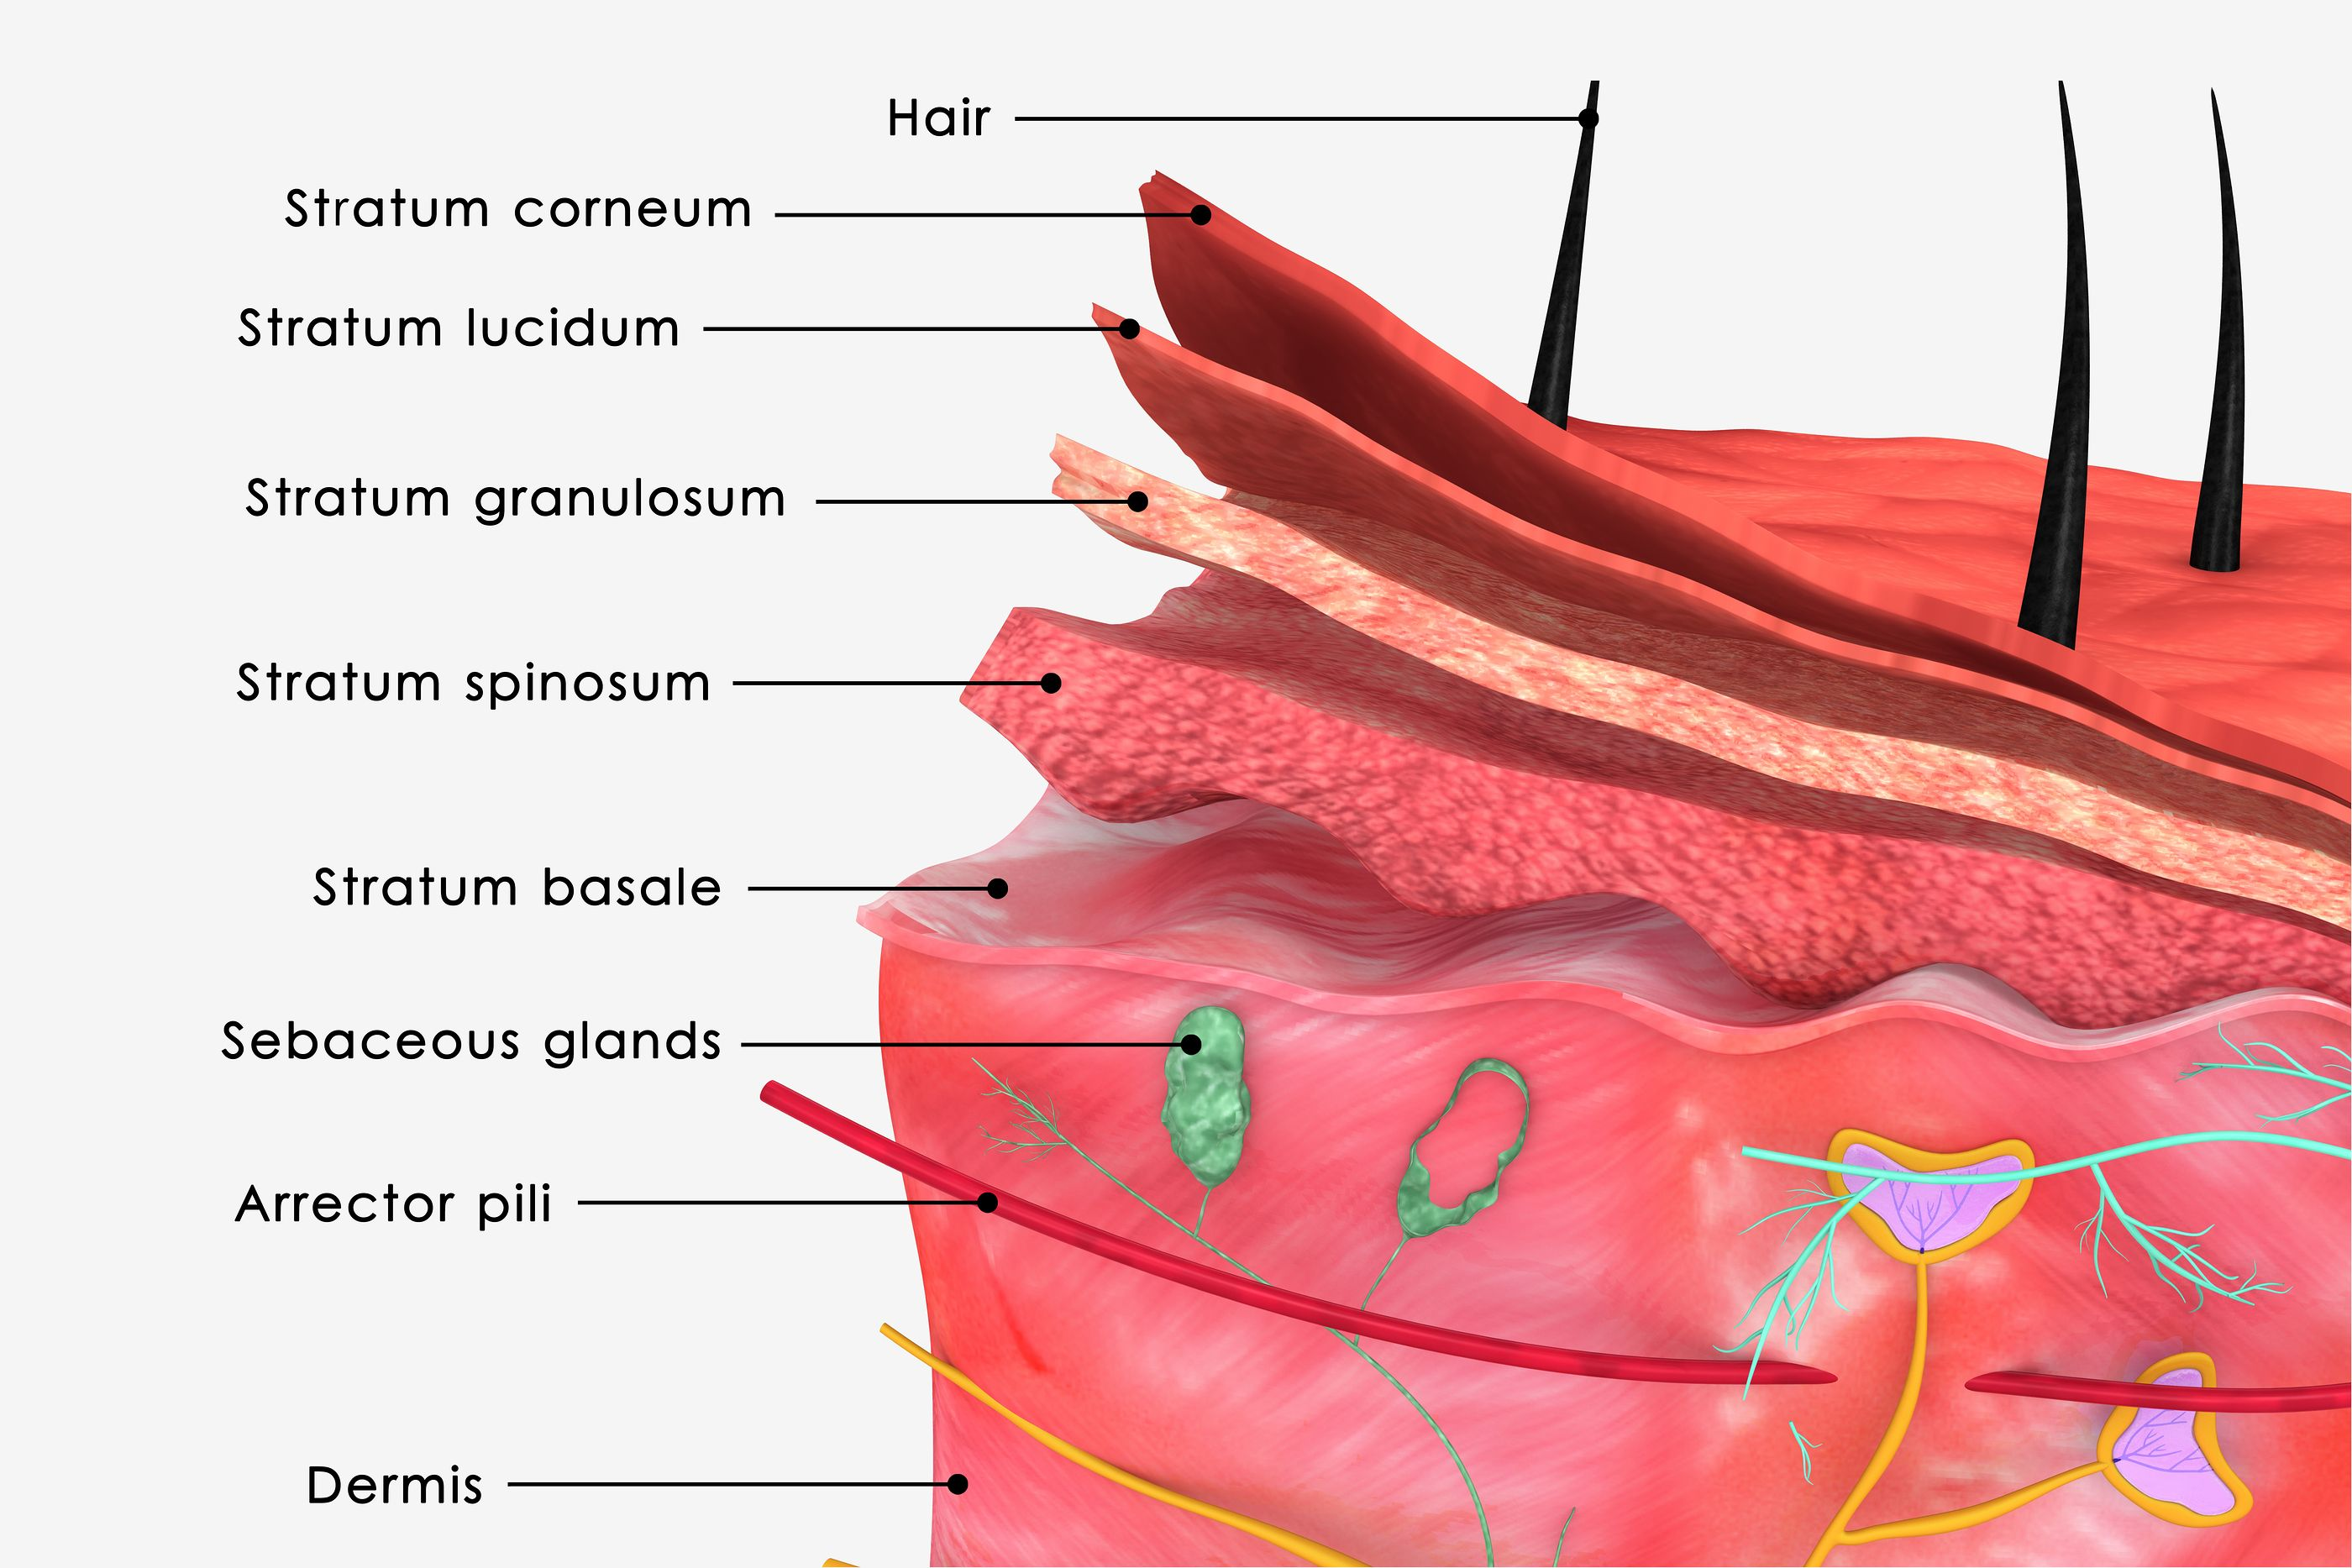 skin anatomy   Anatomia e Sistema Tegumentar   Pinterest   Anatomy